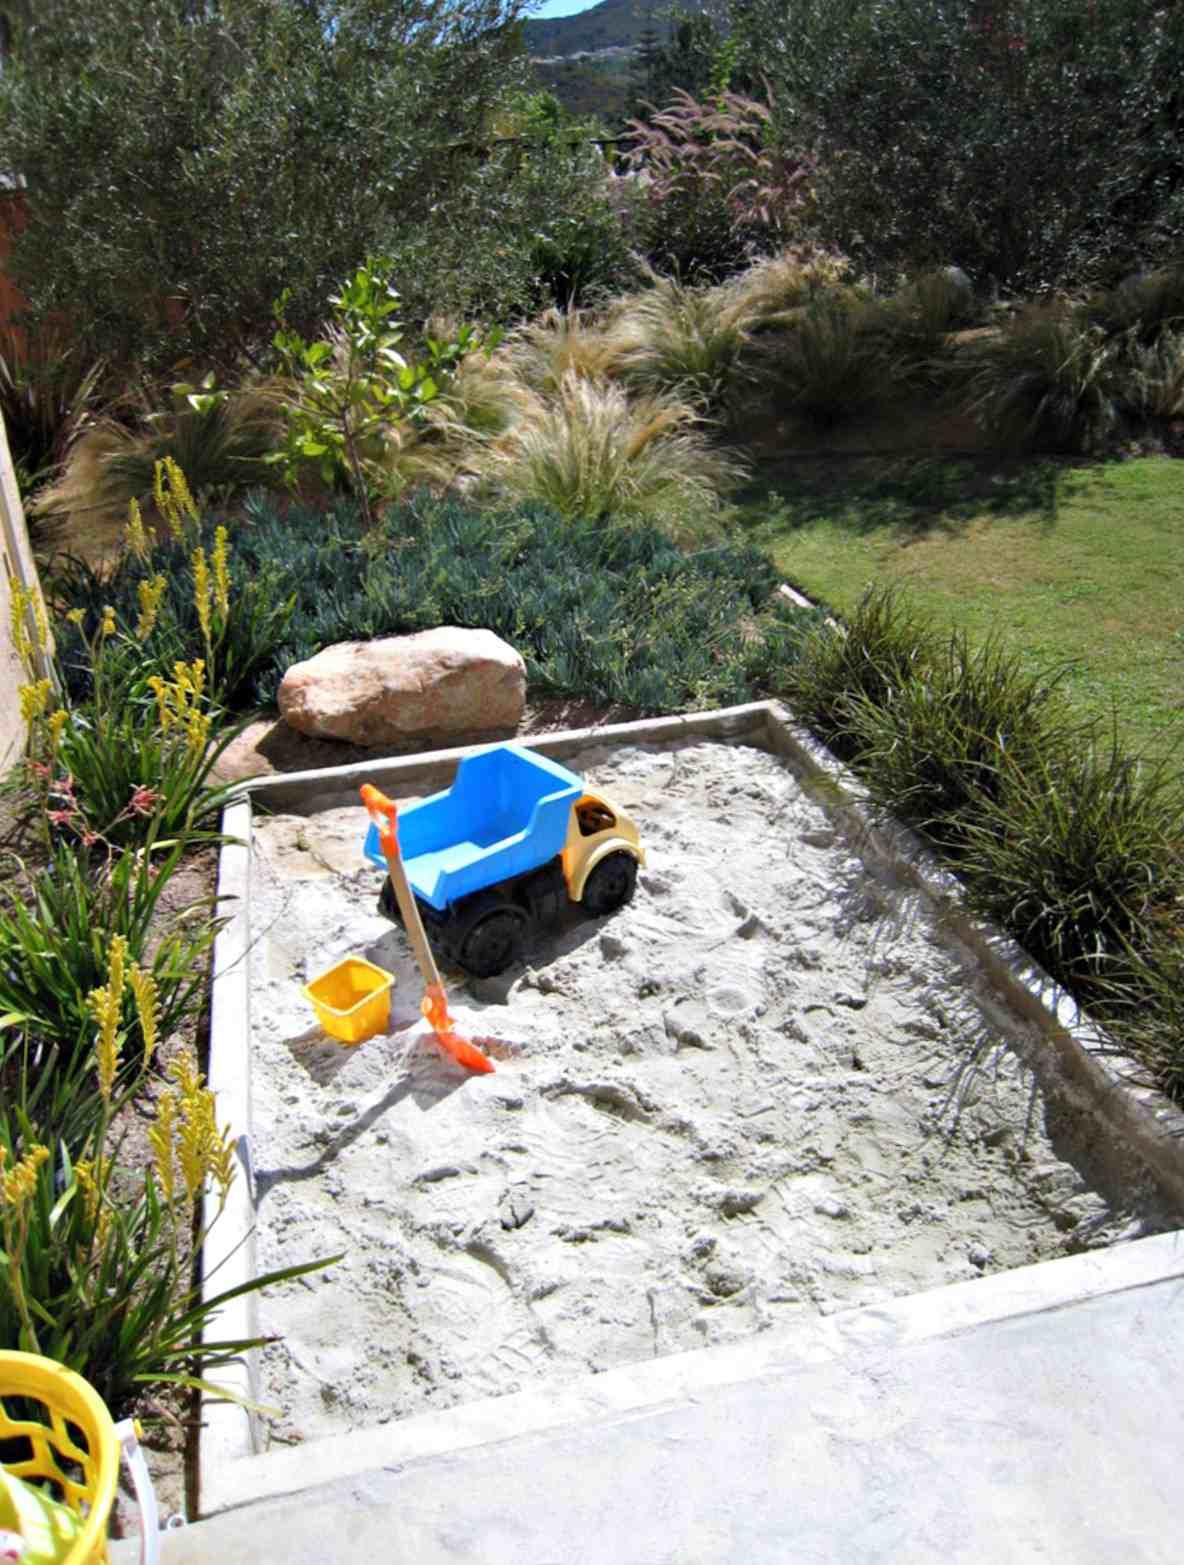 sandbox for children in yard